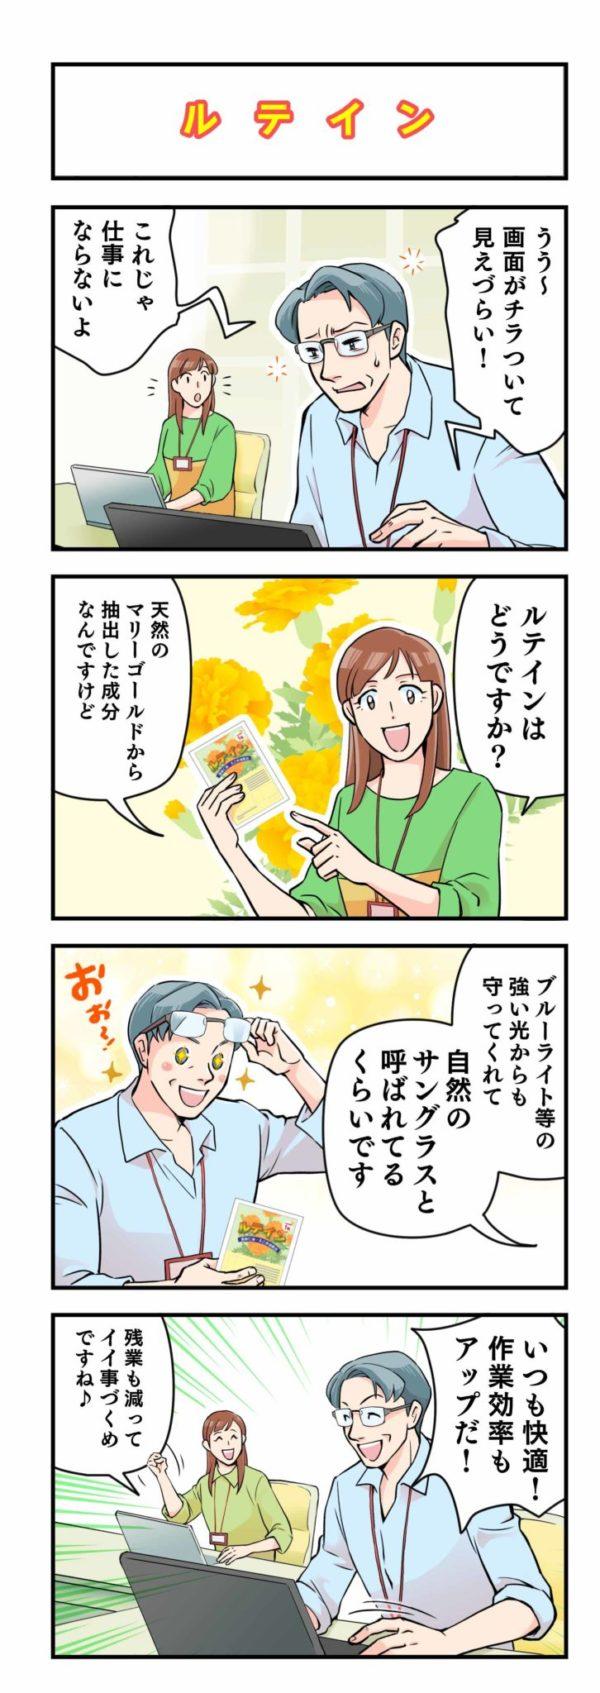 「ルテイン」商品紹介4コマ漫画